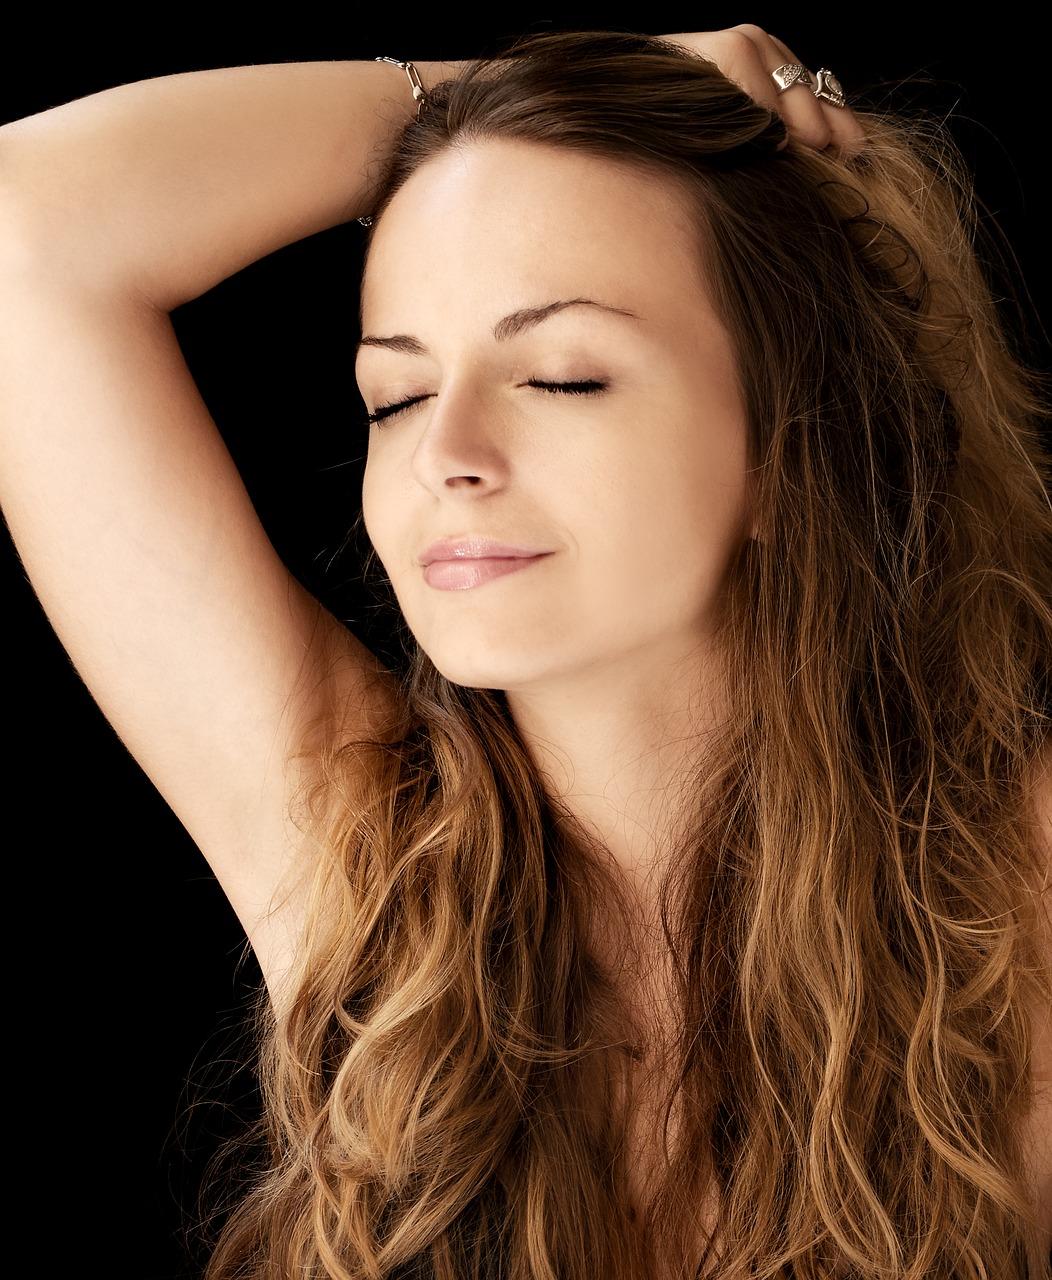 Visage et corps : prendre soin de sa peau